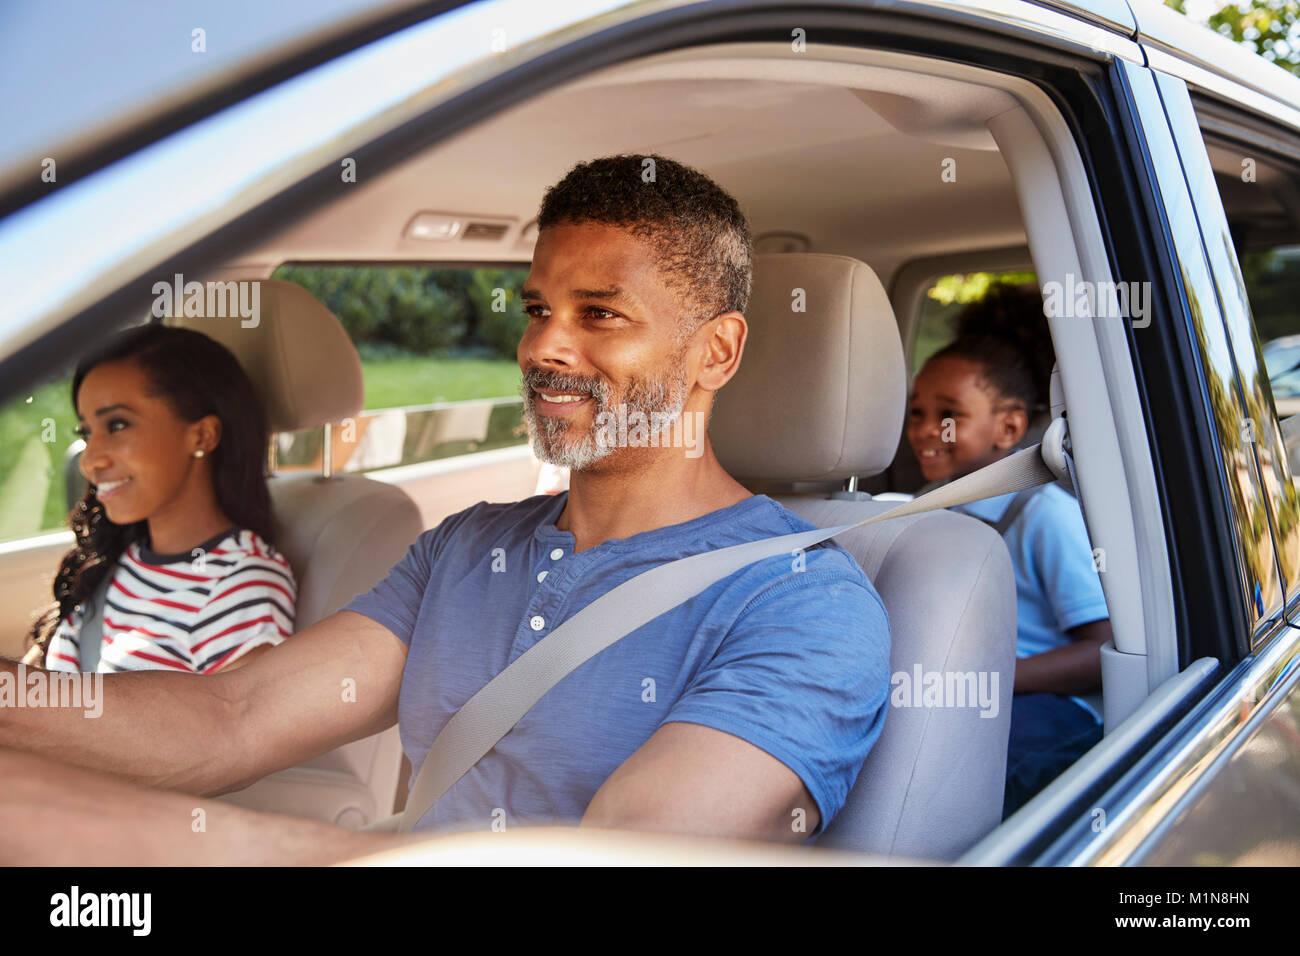 Familia En coche pasando Road Trip. Imagen De Stock